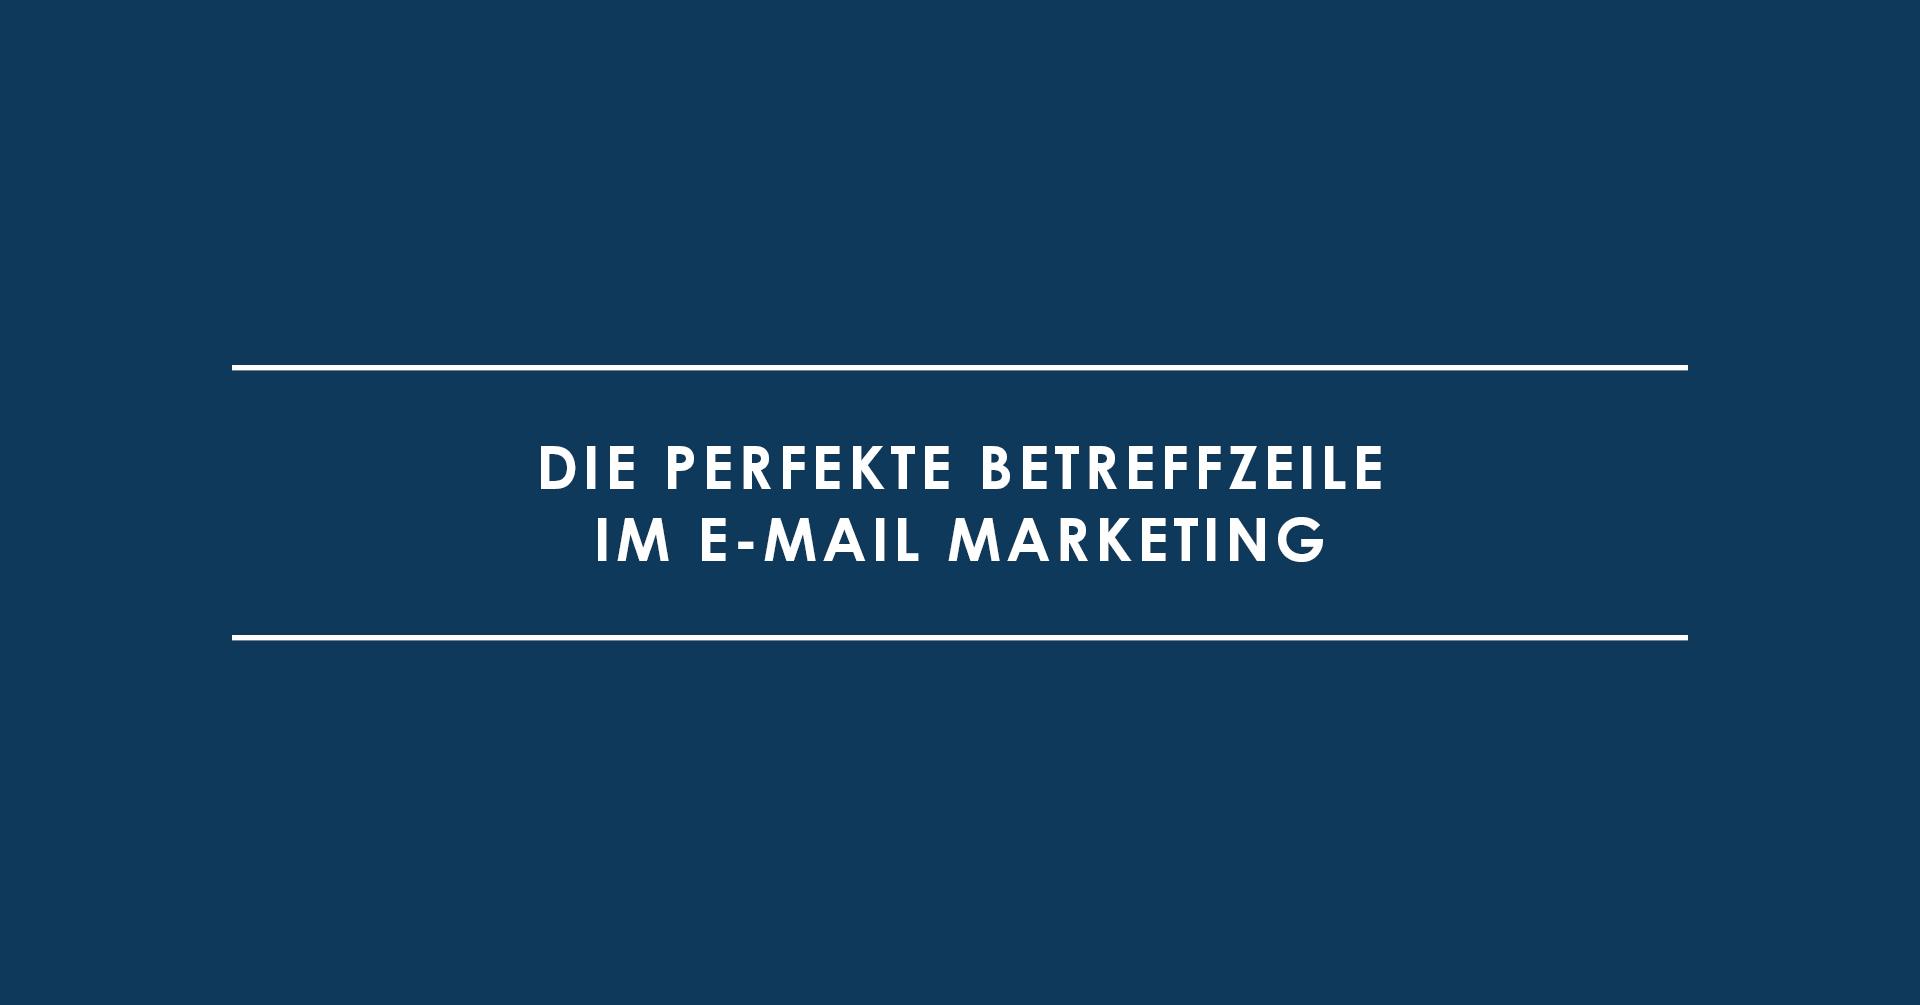 Betrifft: Die perfekte Betreffzeile im E-Mail Marketing